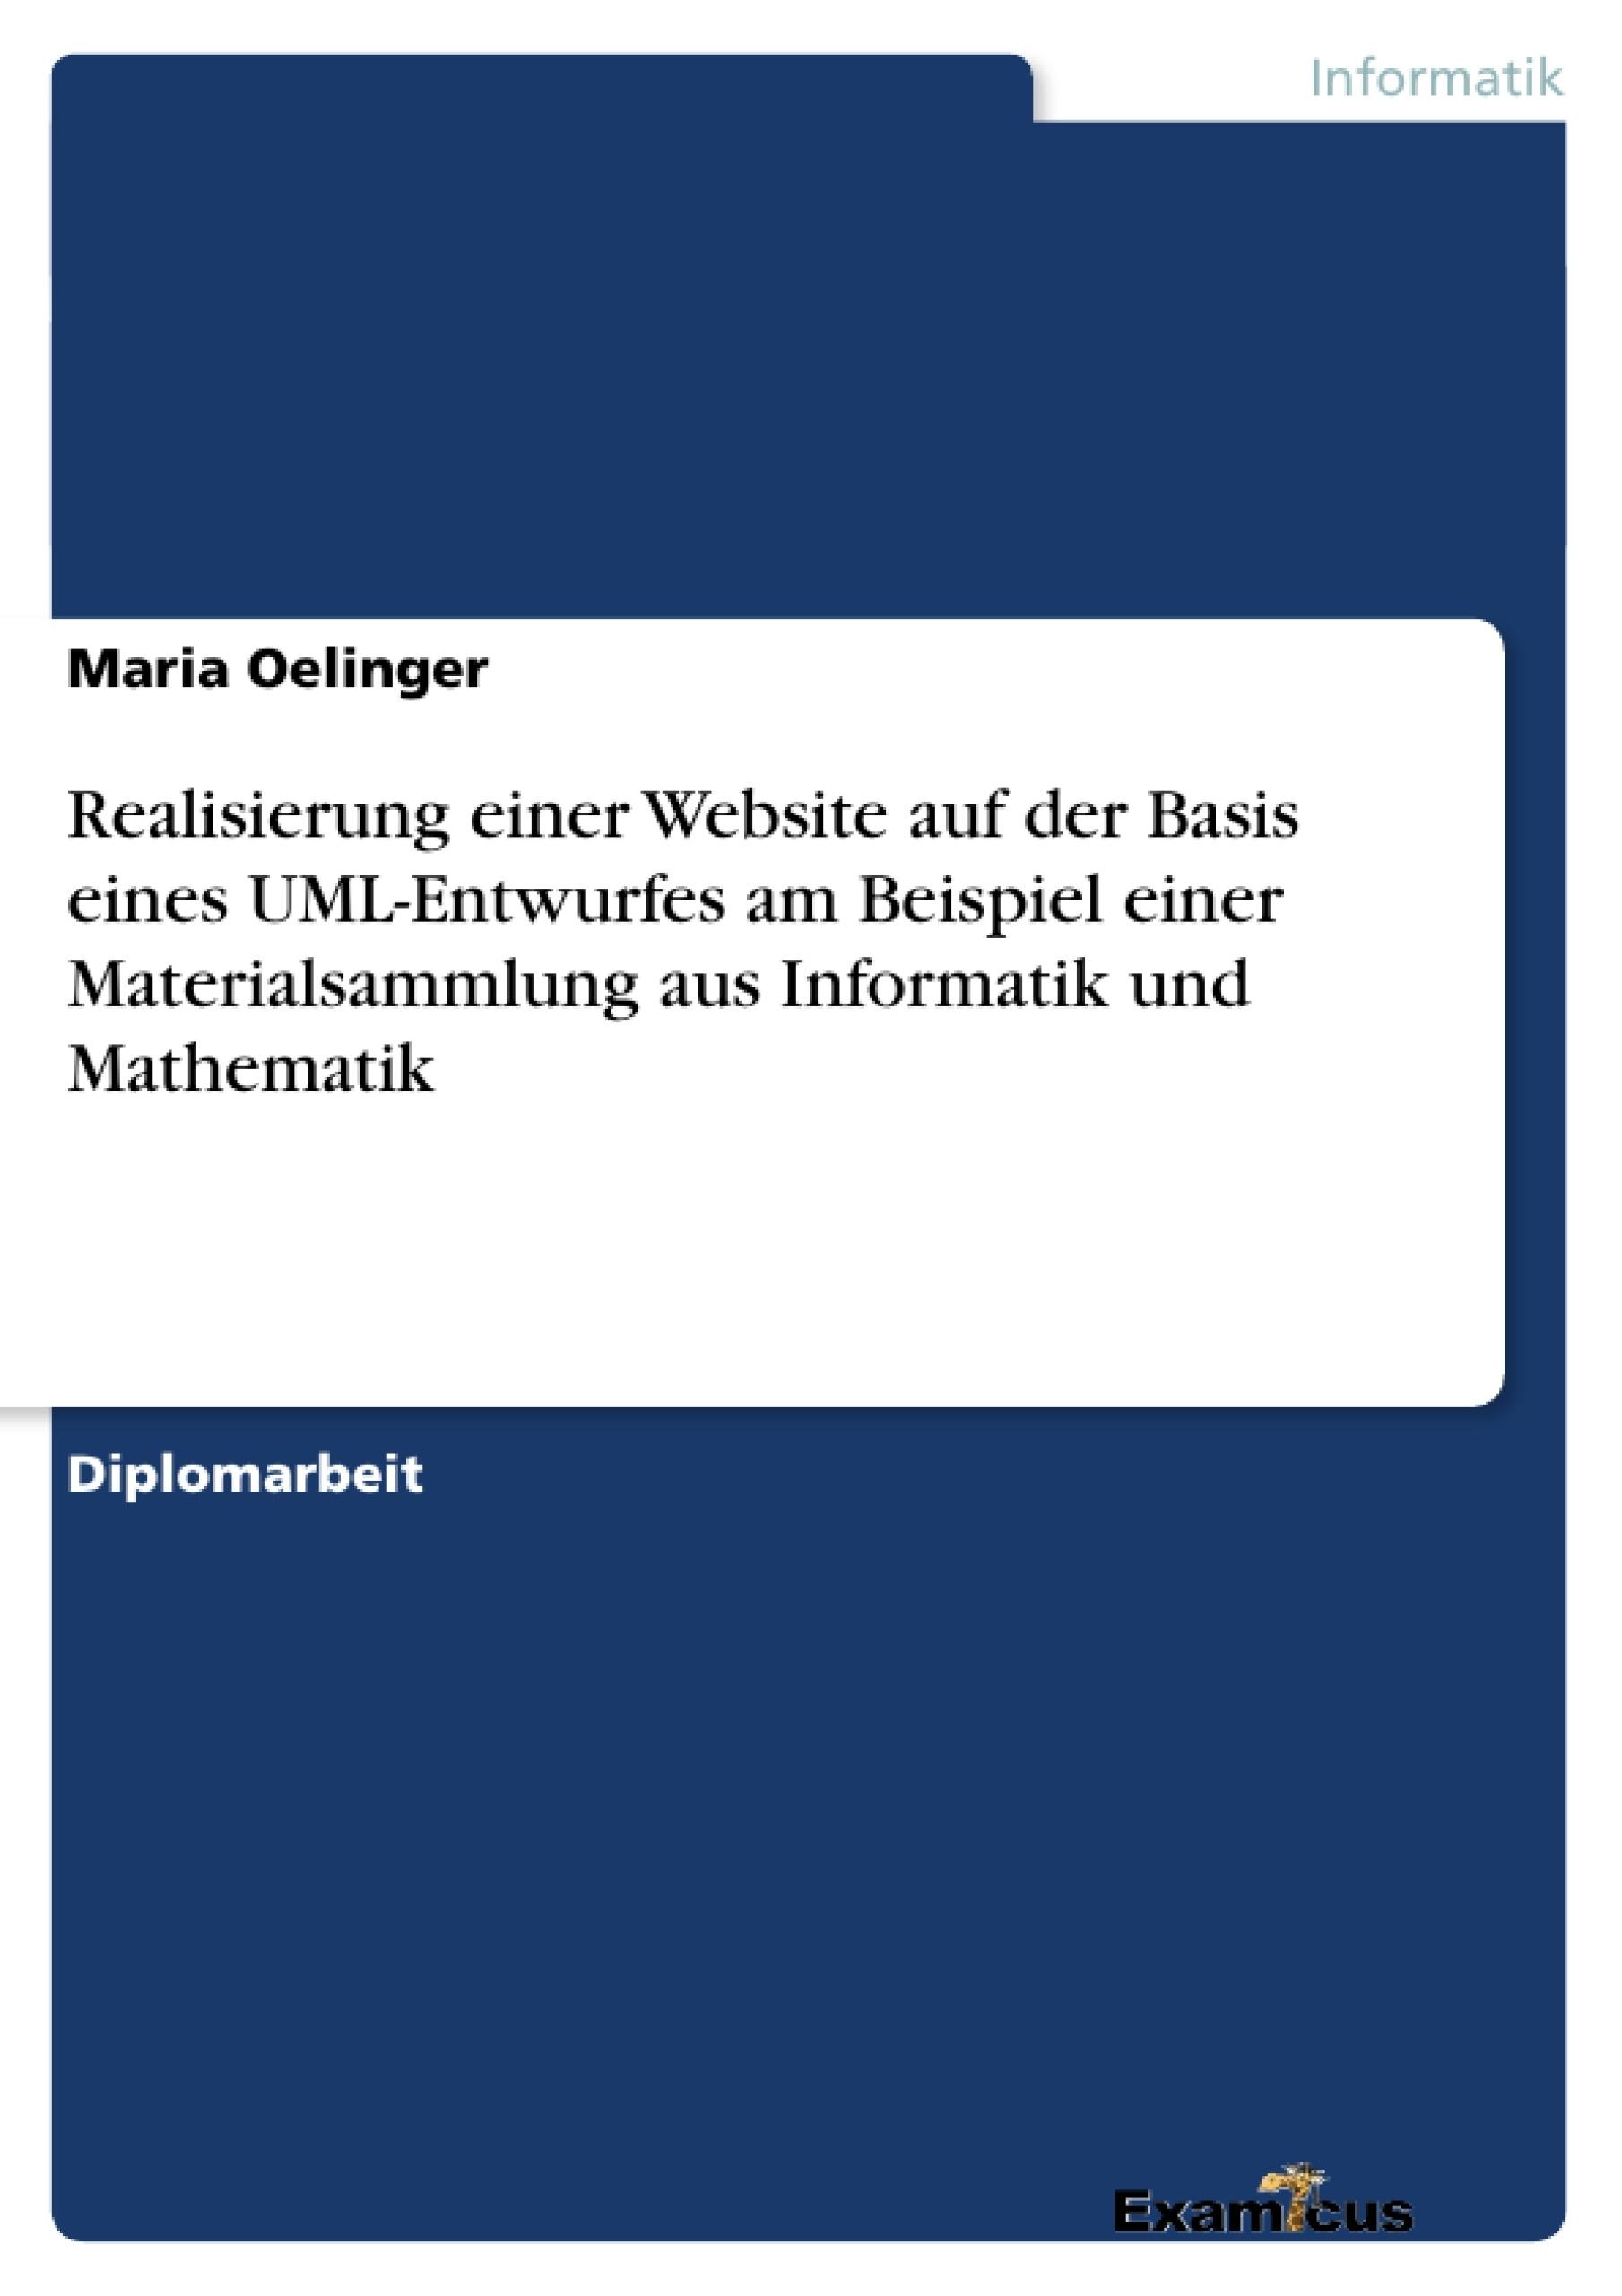 Titel: Realisierung einer Website auf der Basis eines UML-Entwurfes am Beispiel einer Materialsammlung aus Informatik und Mathematik